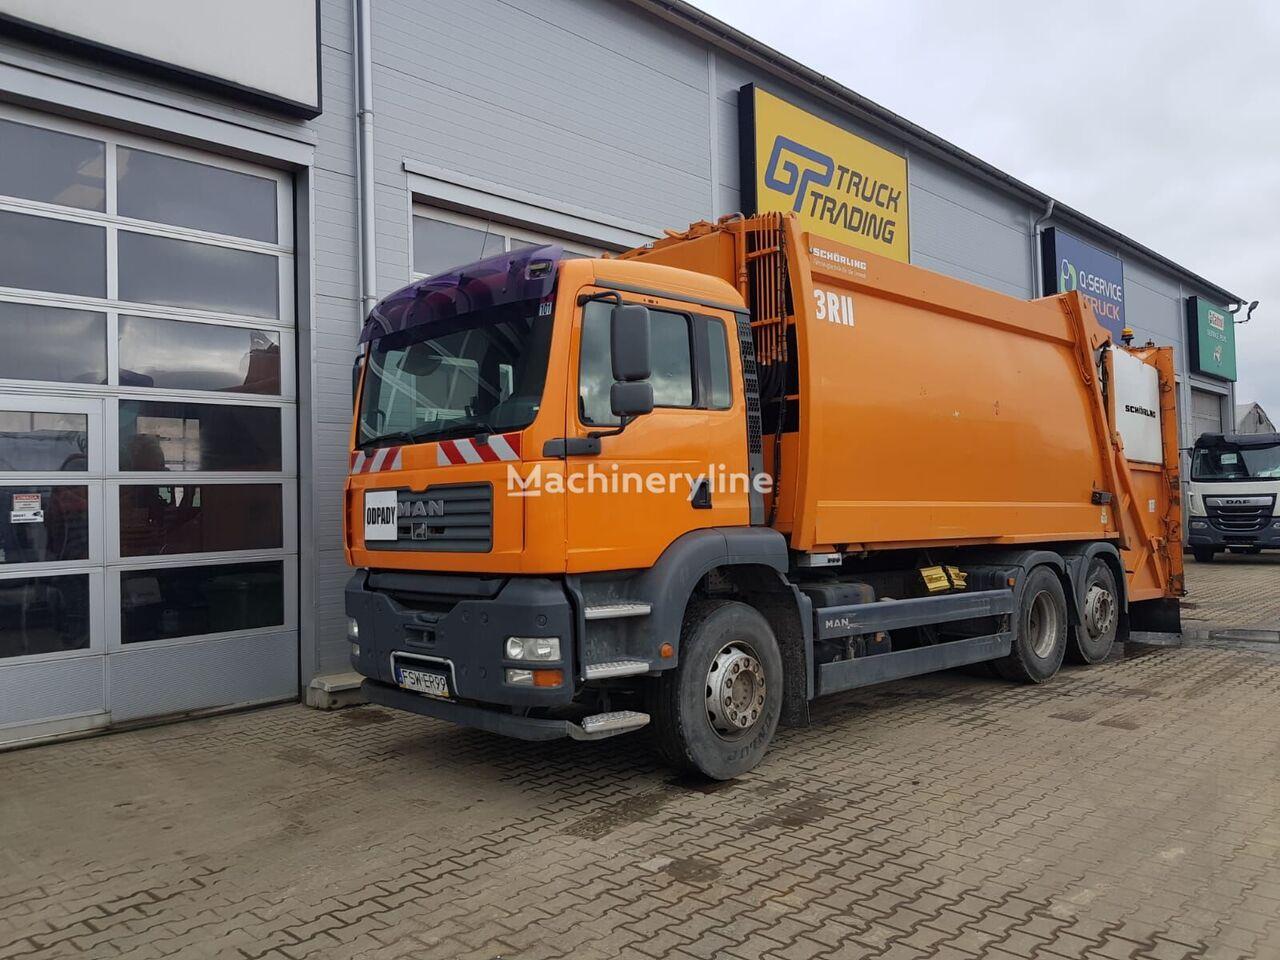 MAN TGA 26.320 garbage truck